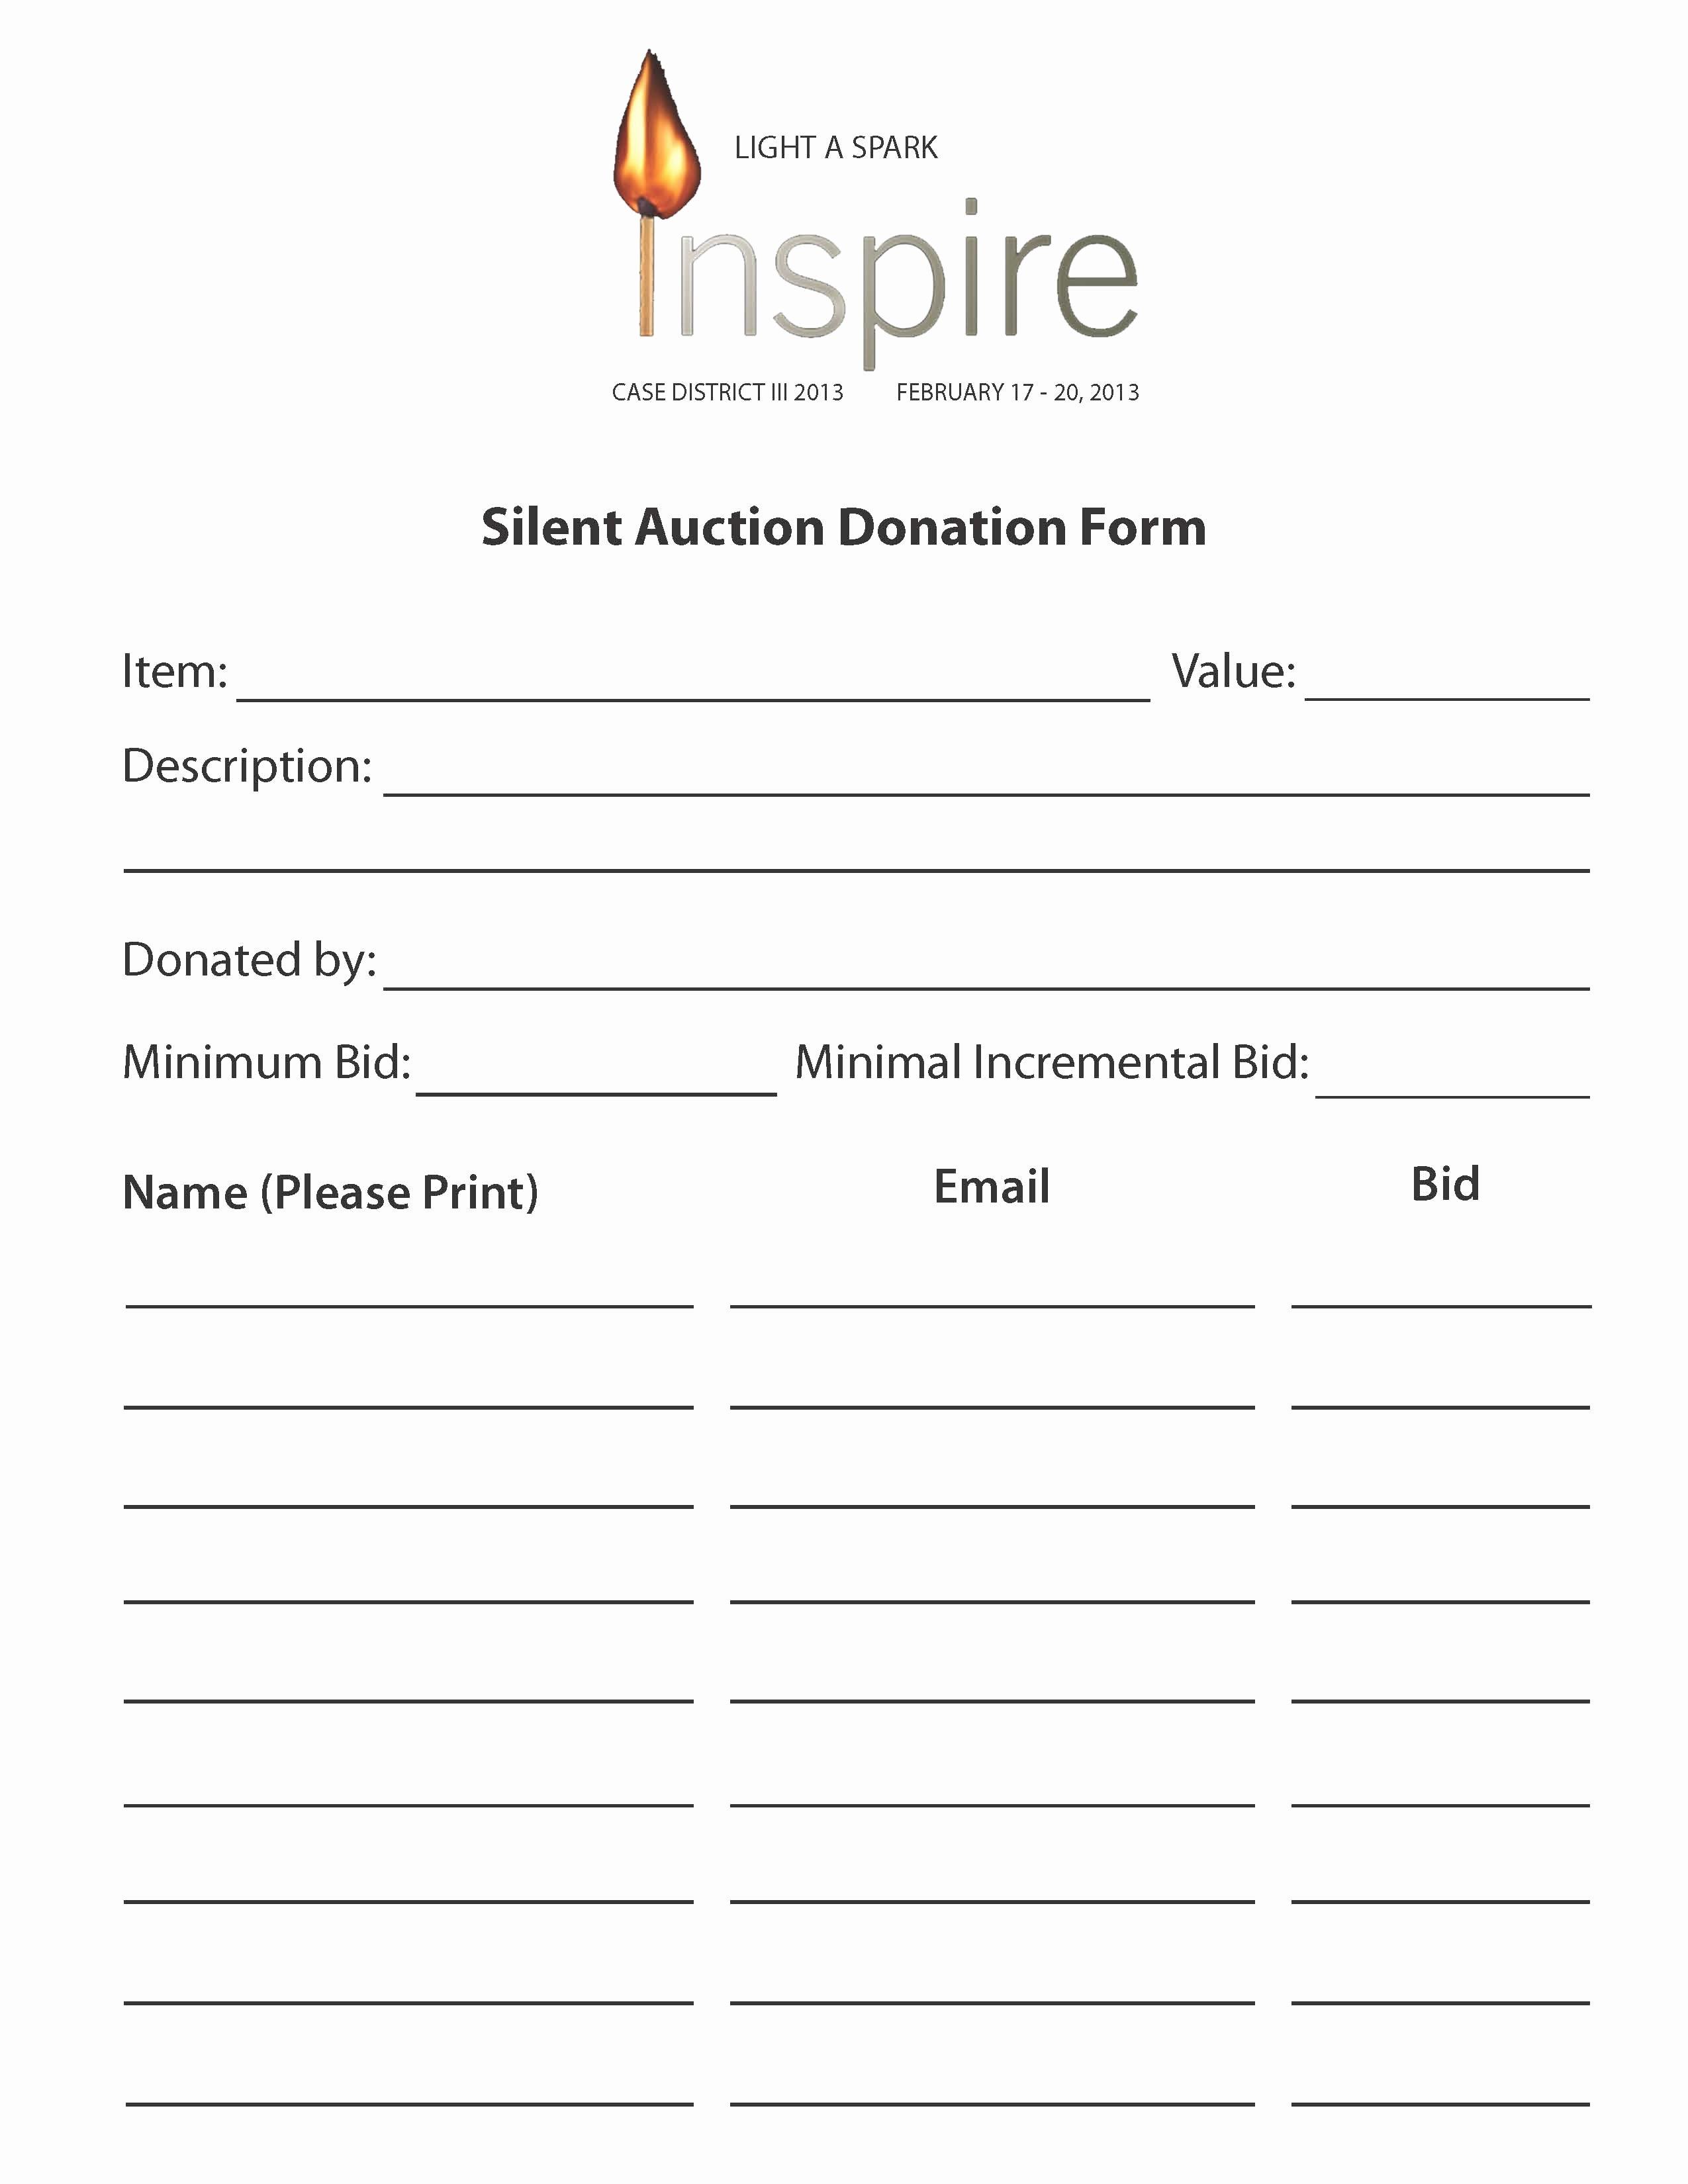 Silent Auction Item Description Template Luxury Case Silent Auction Donation forms